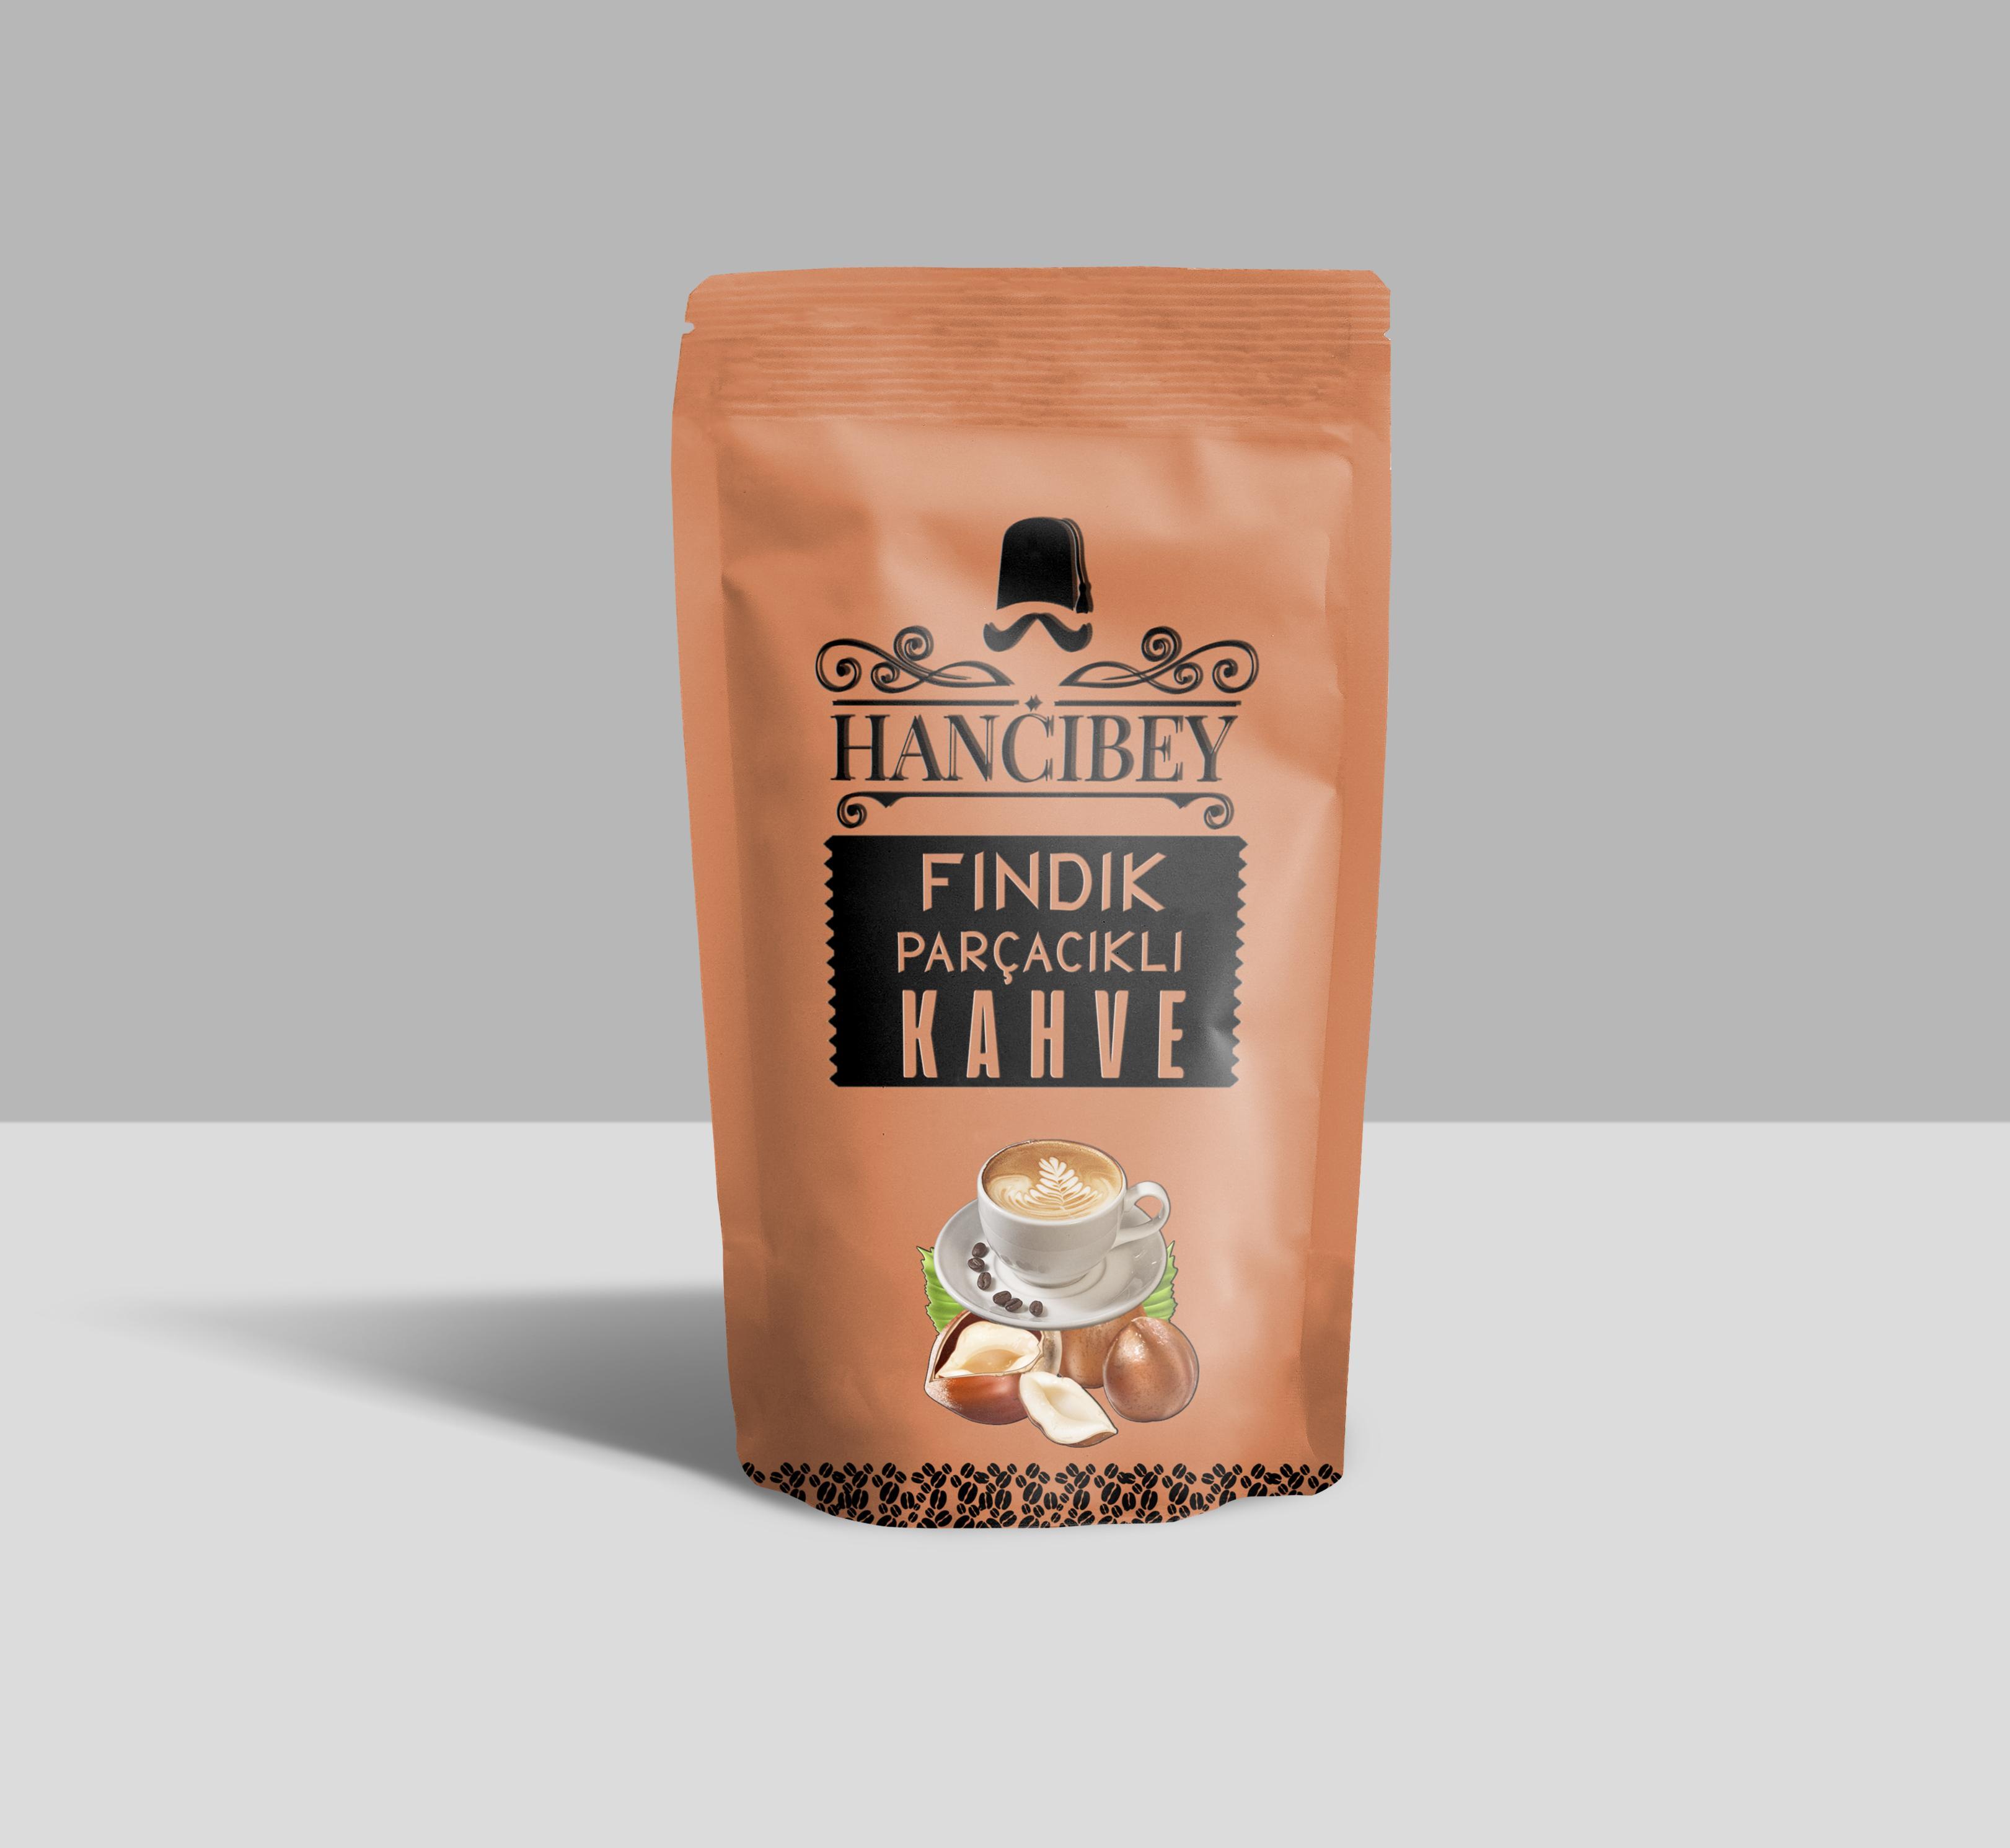 Fındık parçacıklı kahve 1000 Gr